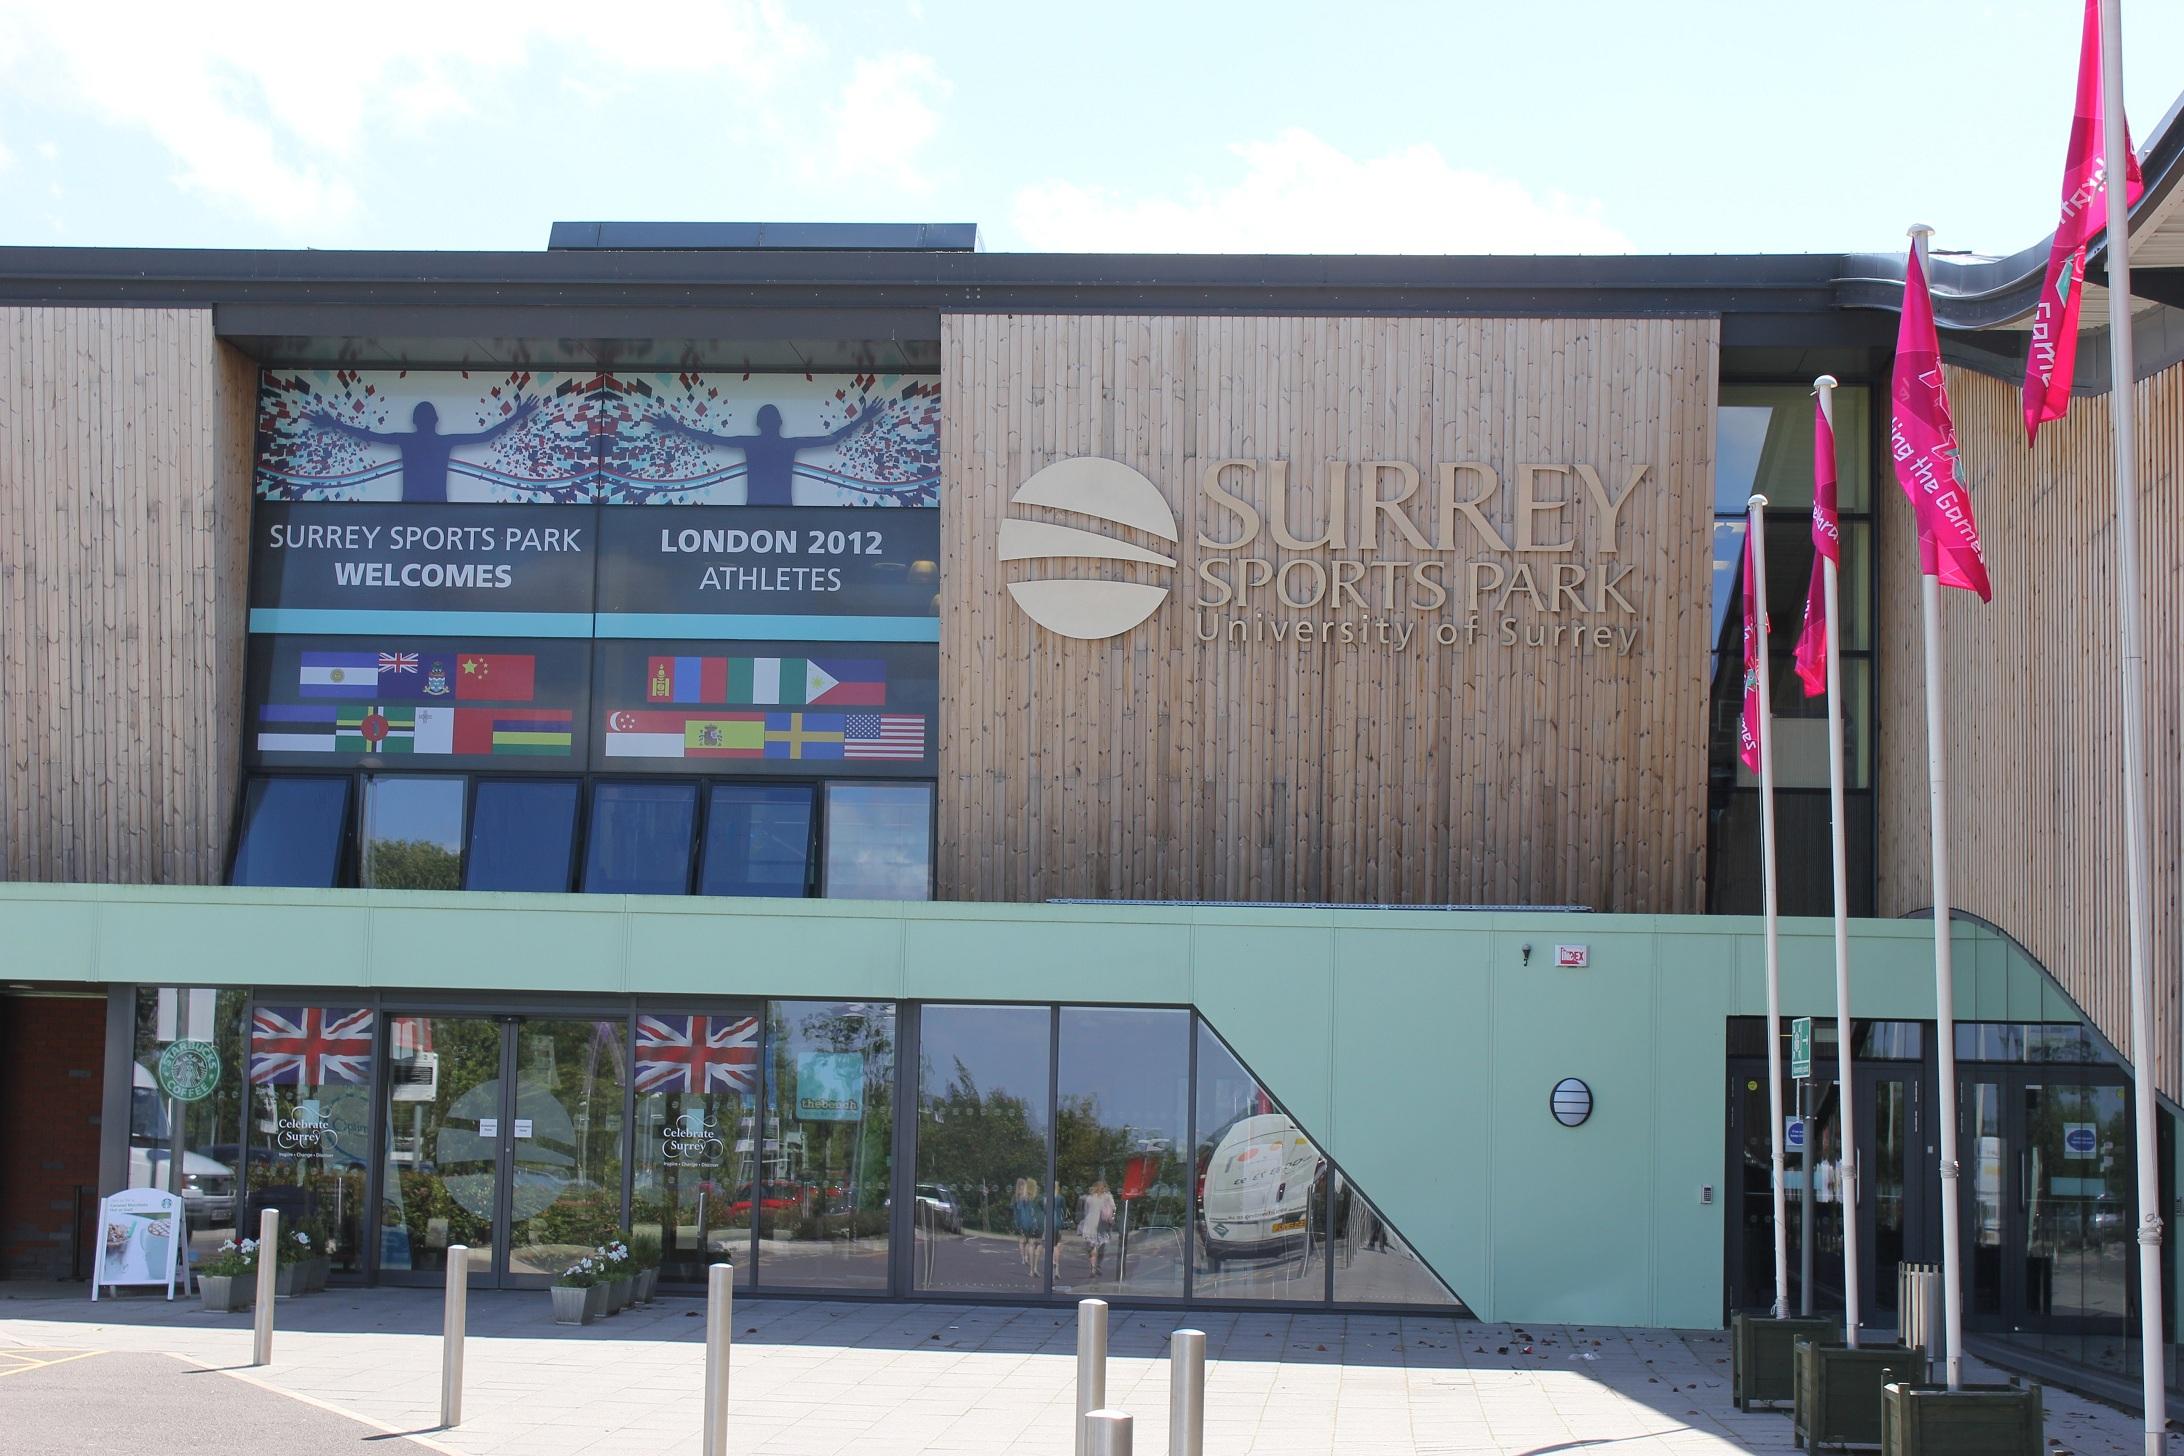 Surrey Sports Park 2